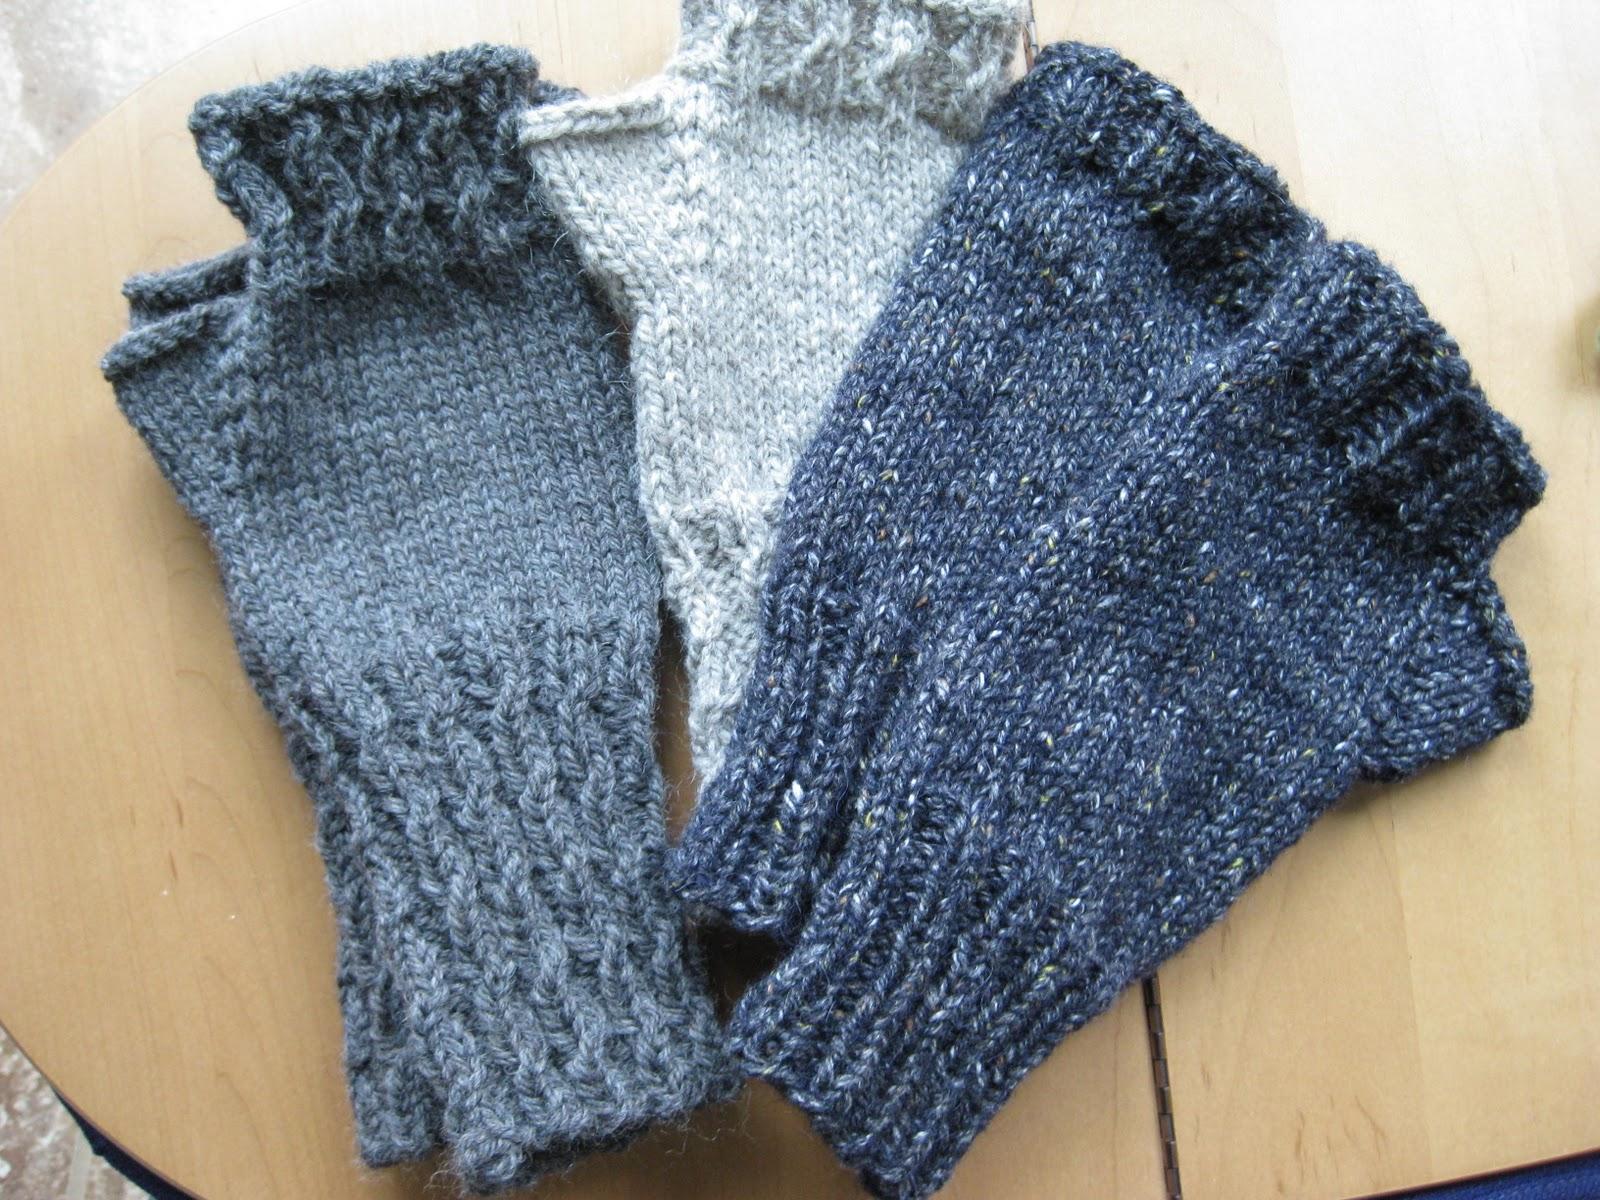 Knitting Pipeline: December 2010